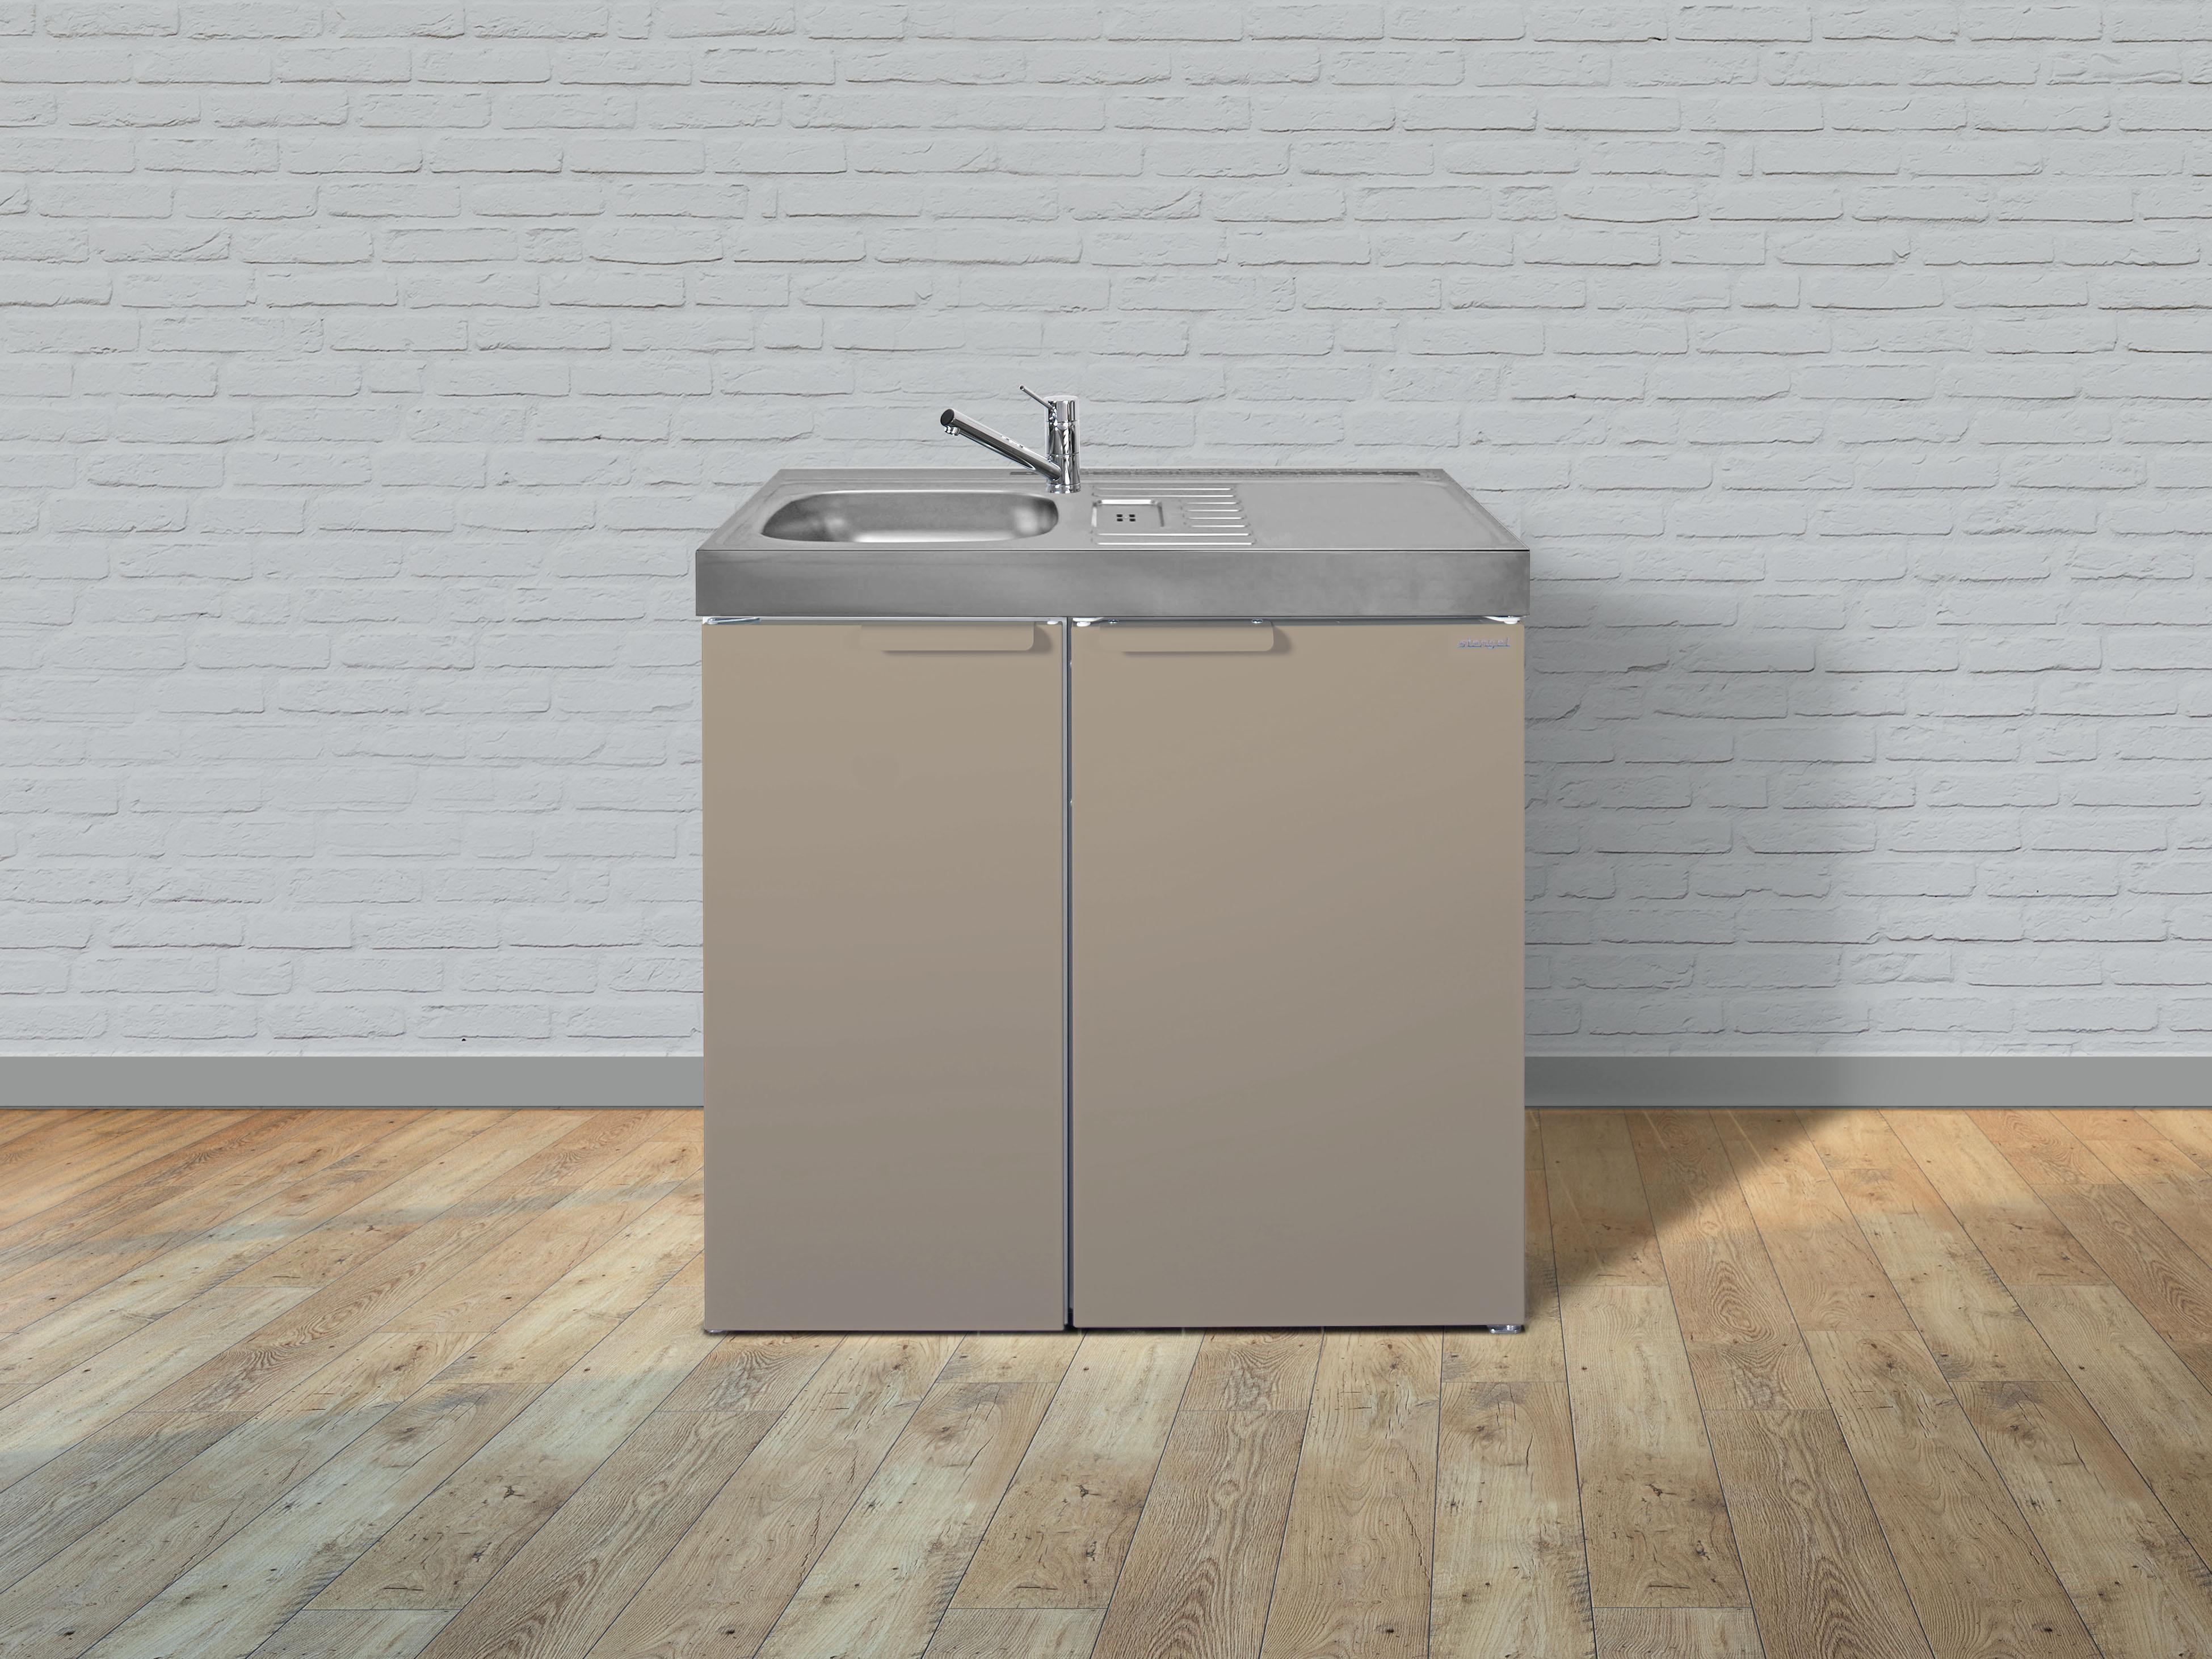 Amica Kühlschrank Poco : Kühlschränke online kaufen möbel suchmaschine ladendirekt.de